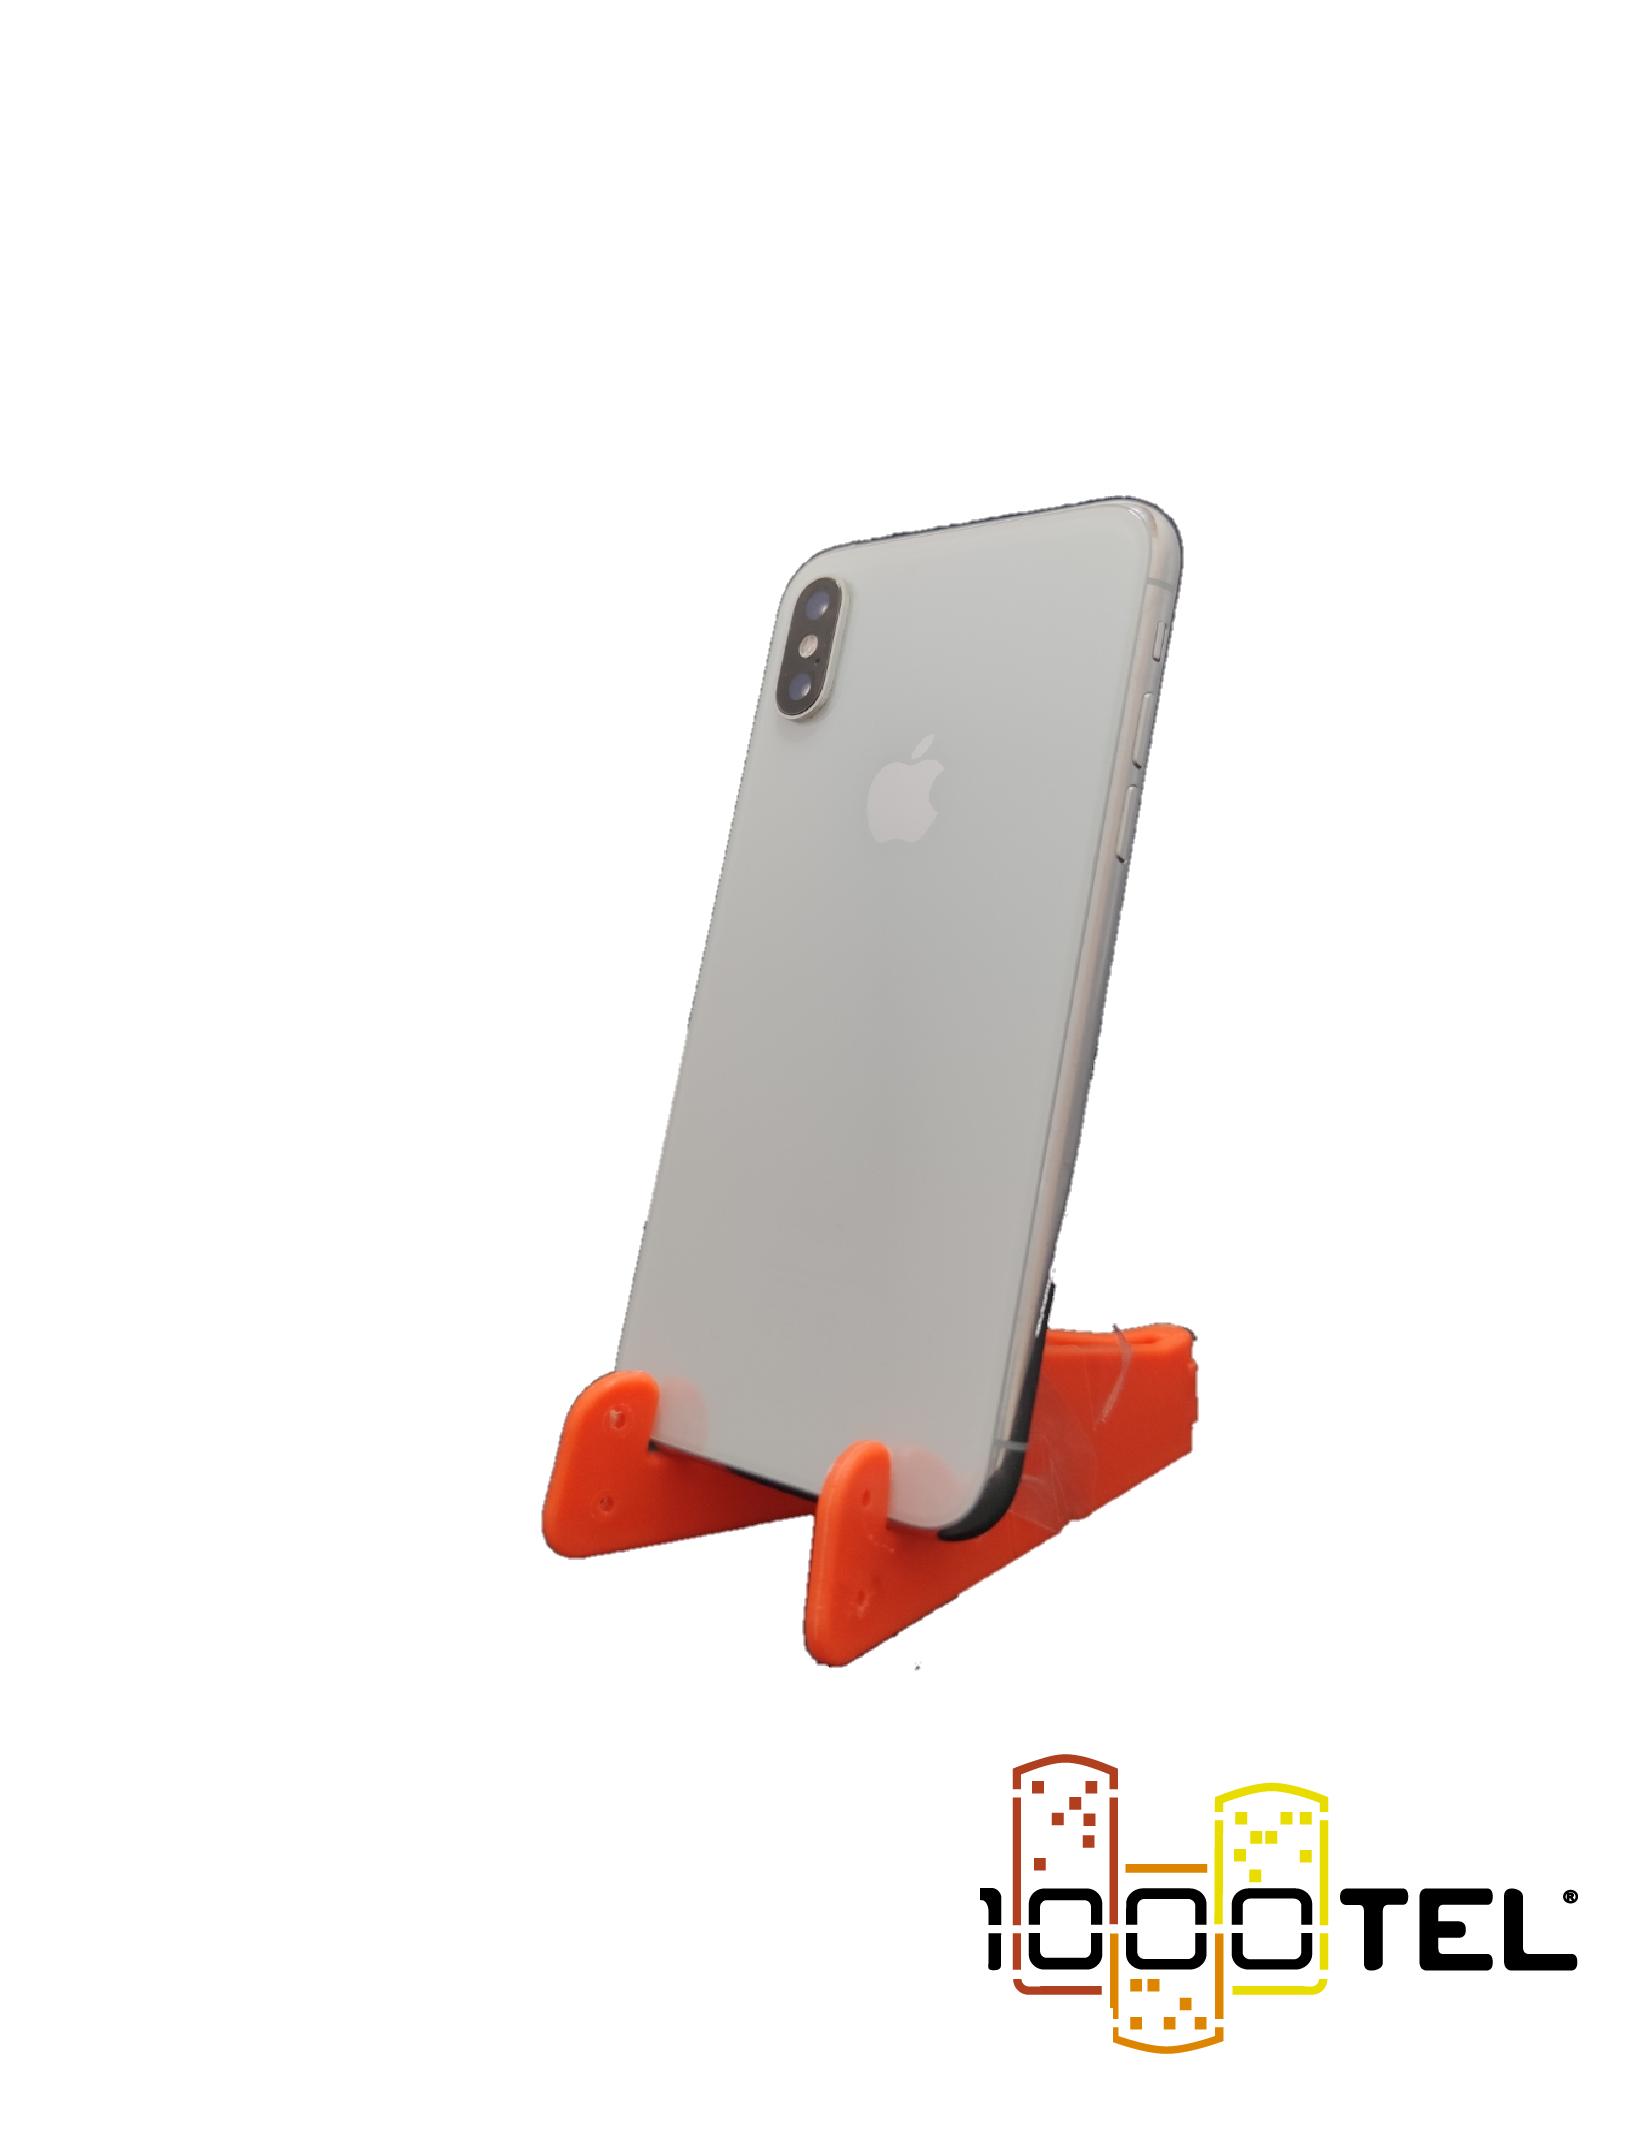 Iphone Xs 64GB Blanco #4